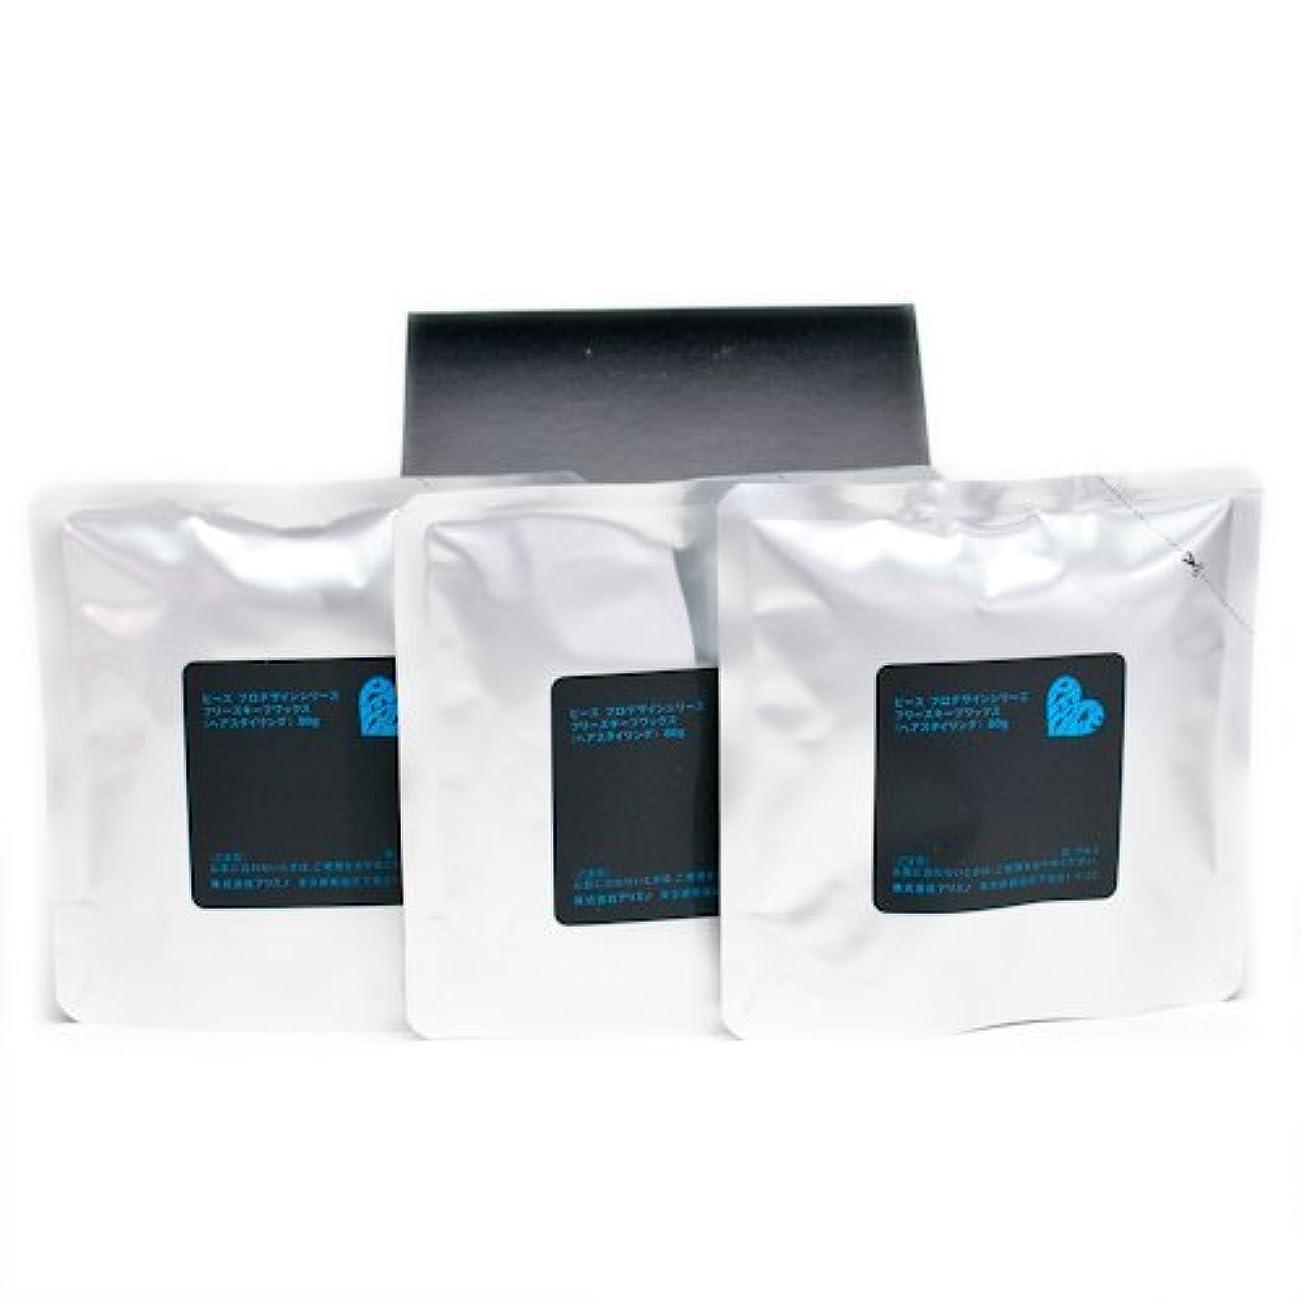 摂氏度クリア国内のアリミノ ピース フリーズキープワックス (ブラック)80g(業務?詰替用)×3個入り